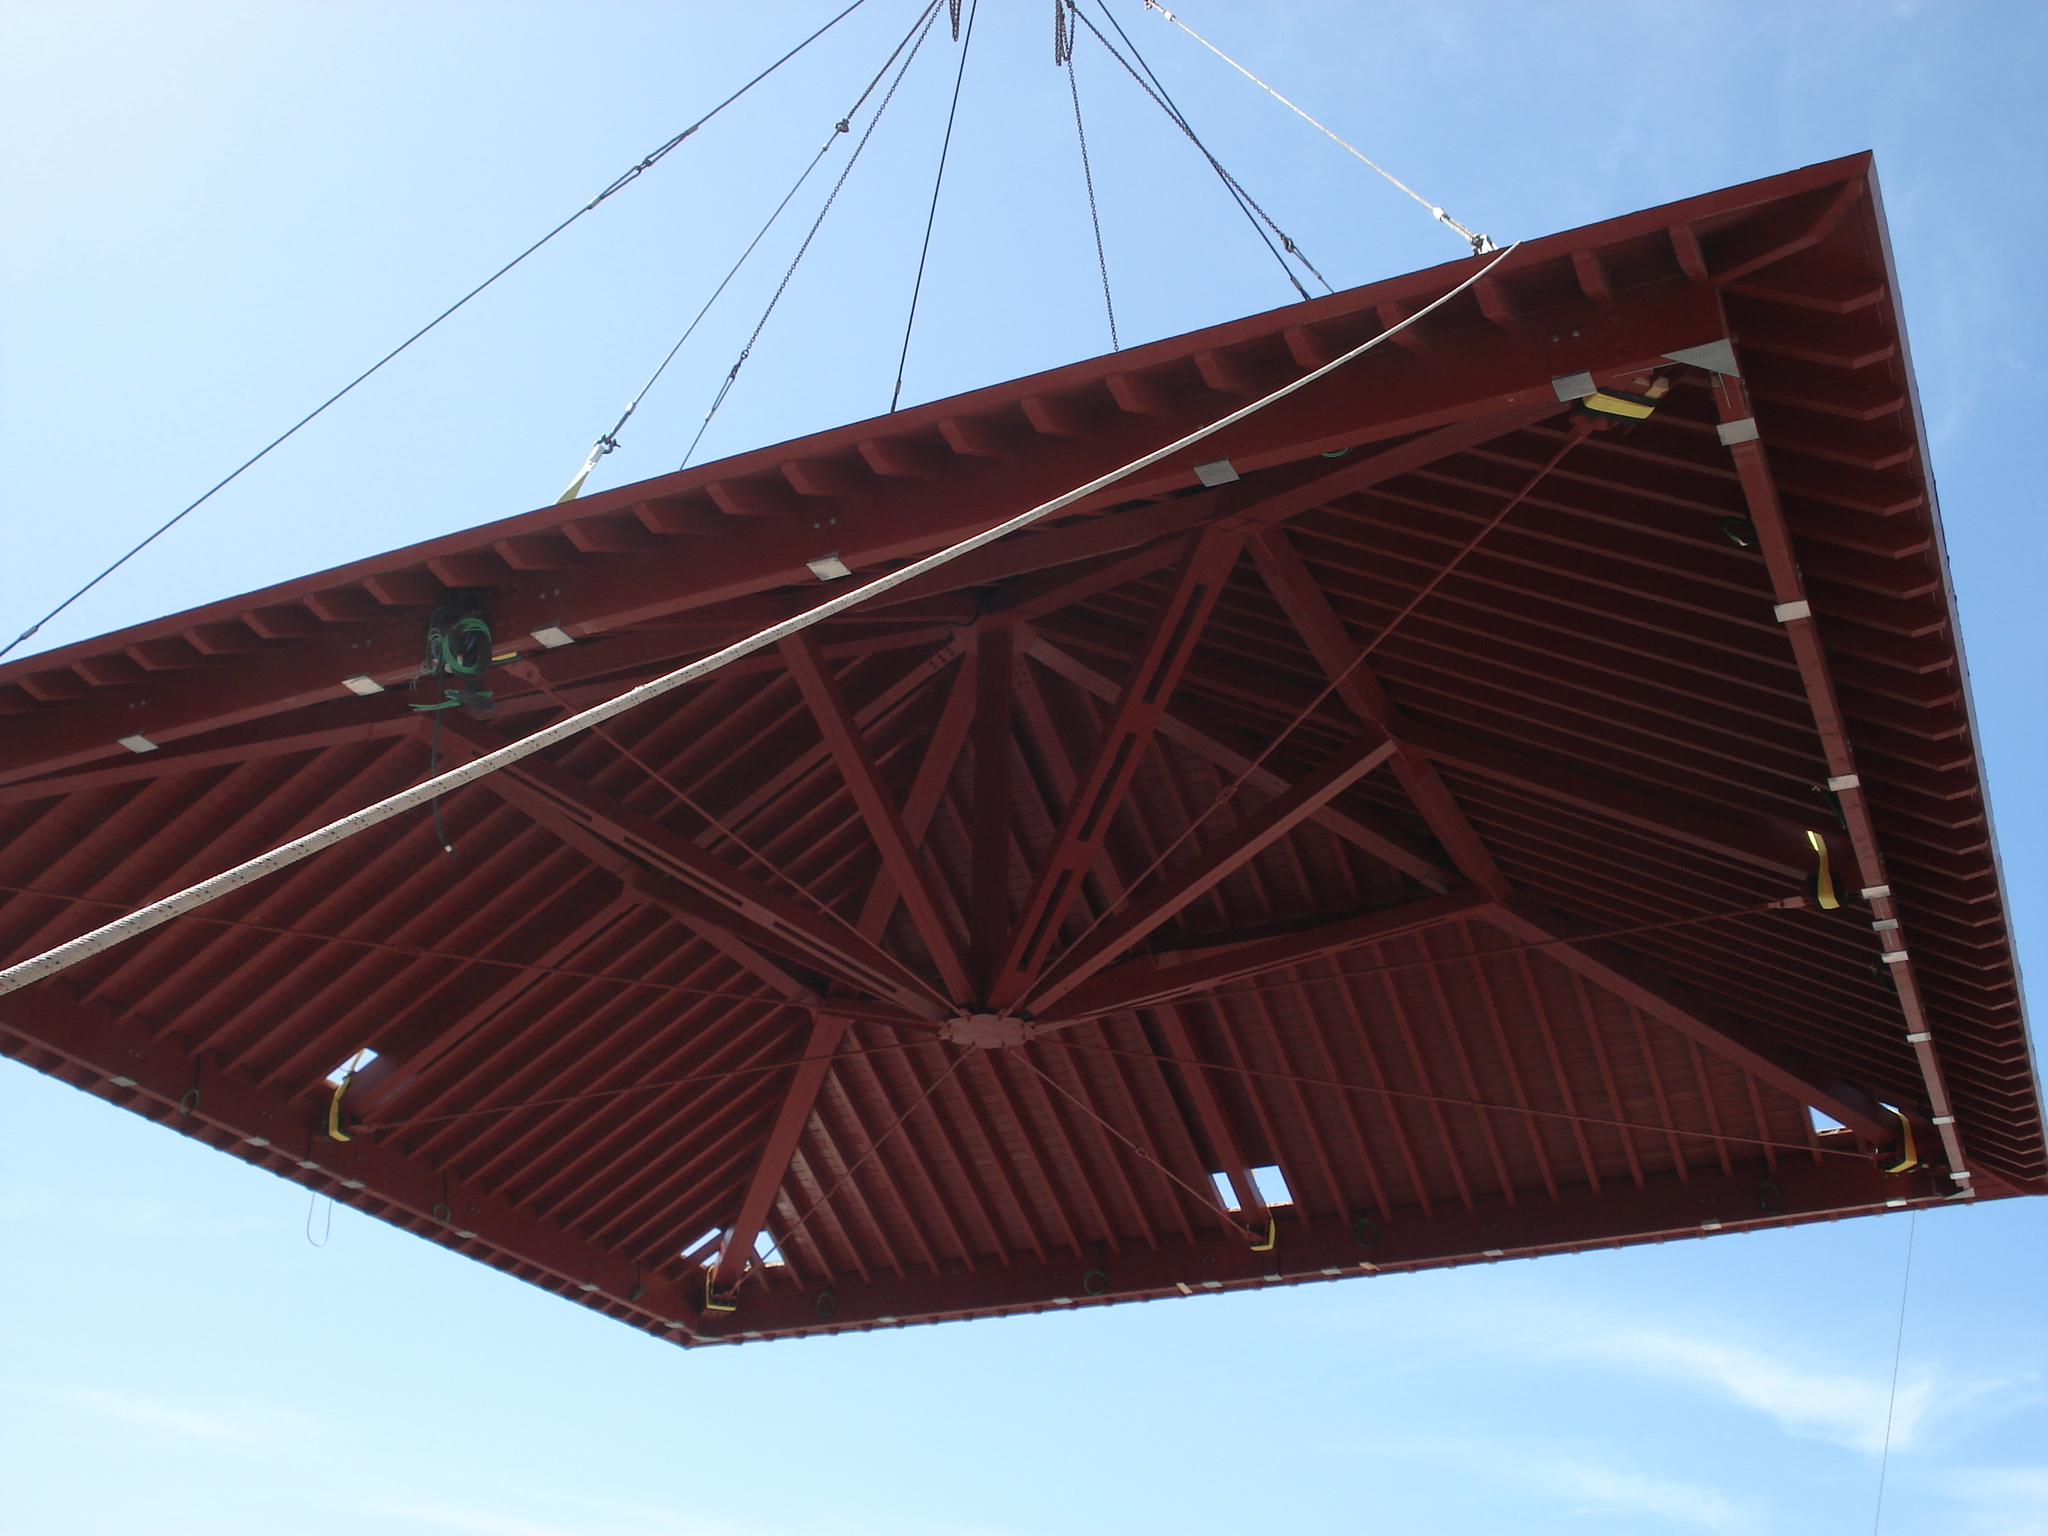 Espacios culturales o sociales estructuras y tableros de madera en canarias - Constructoras tenerife ...